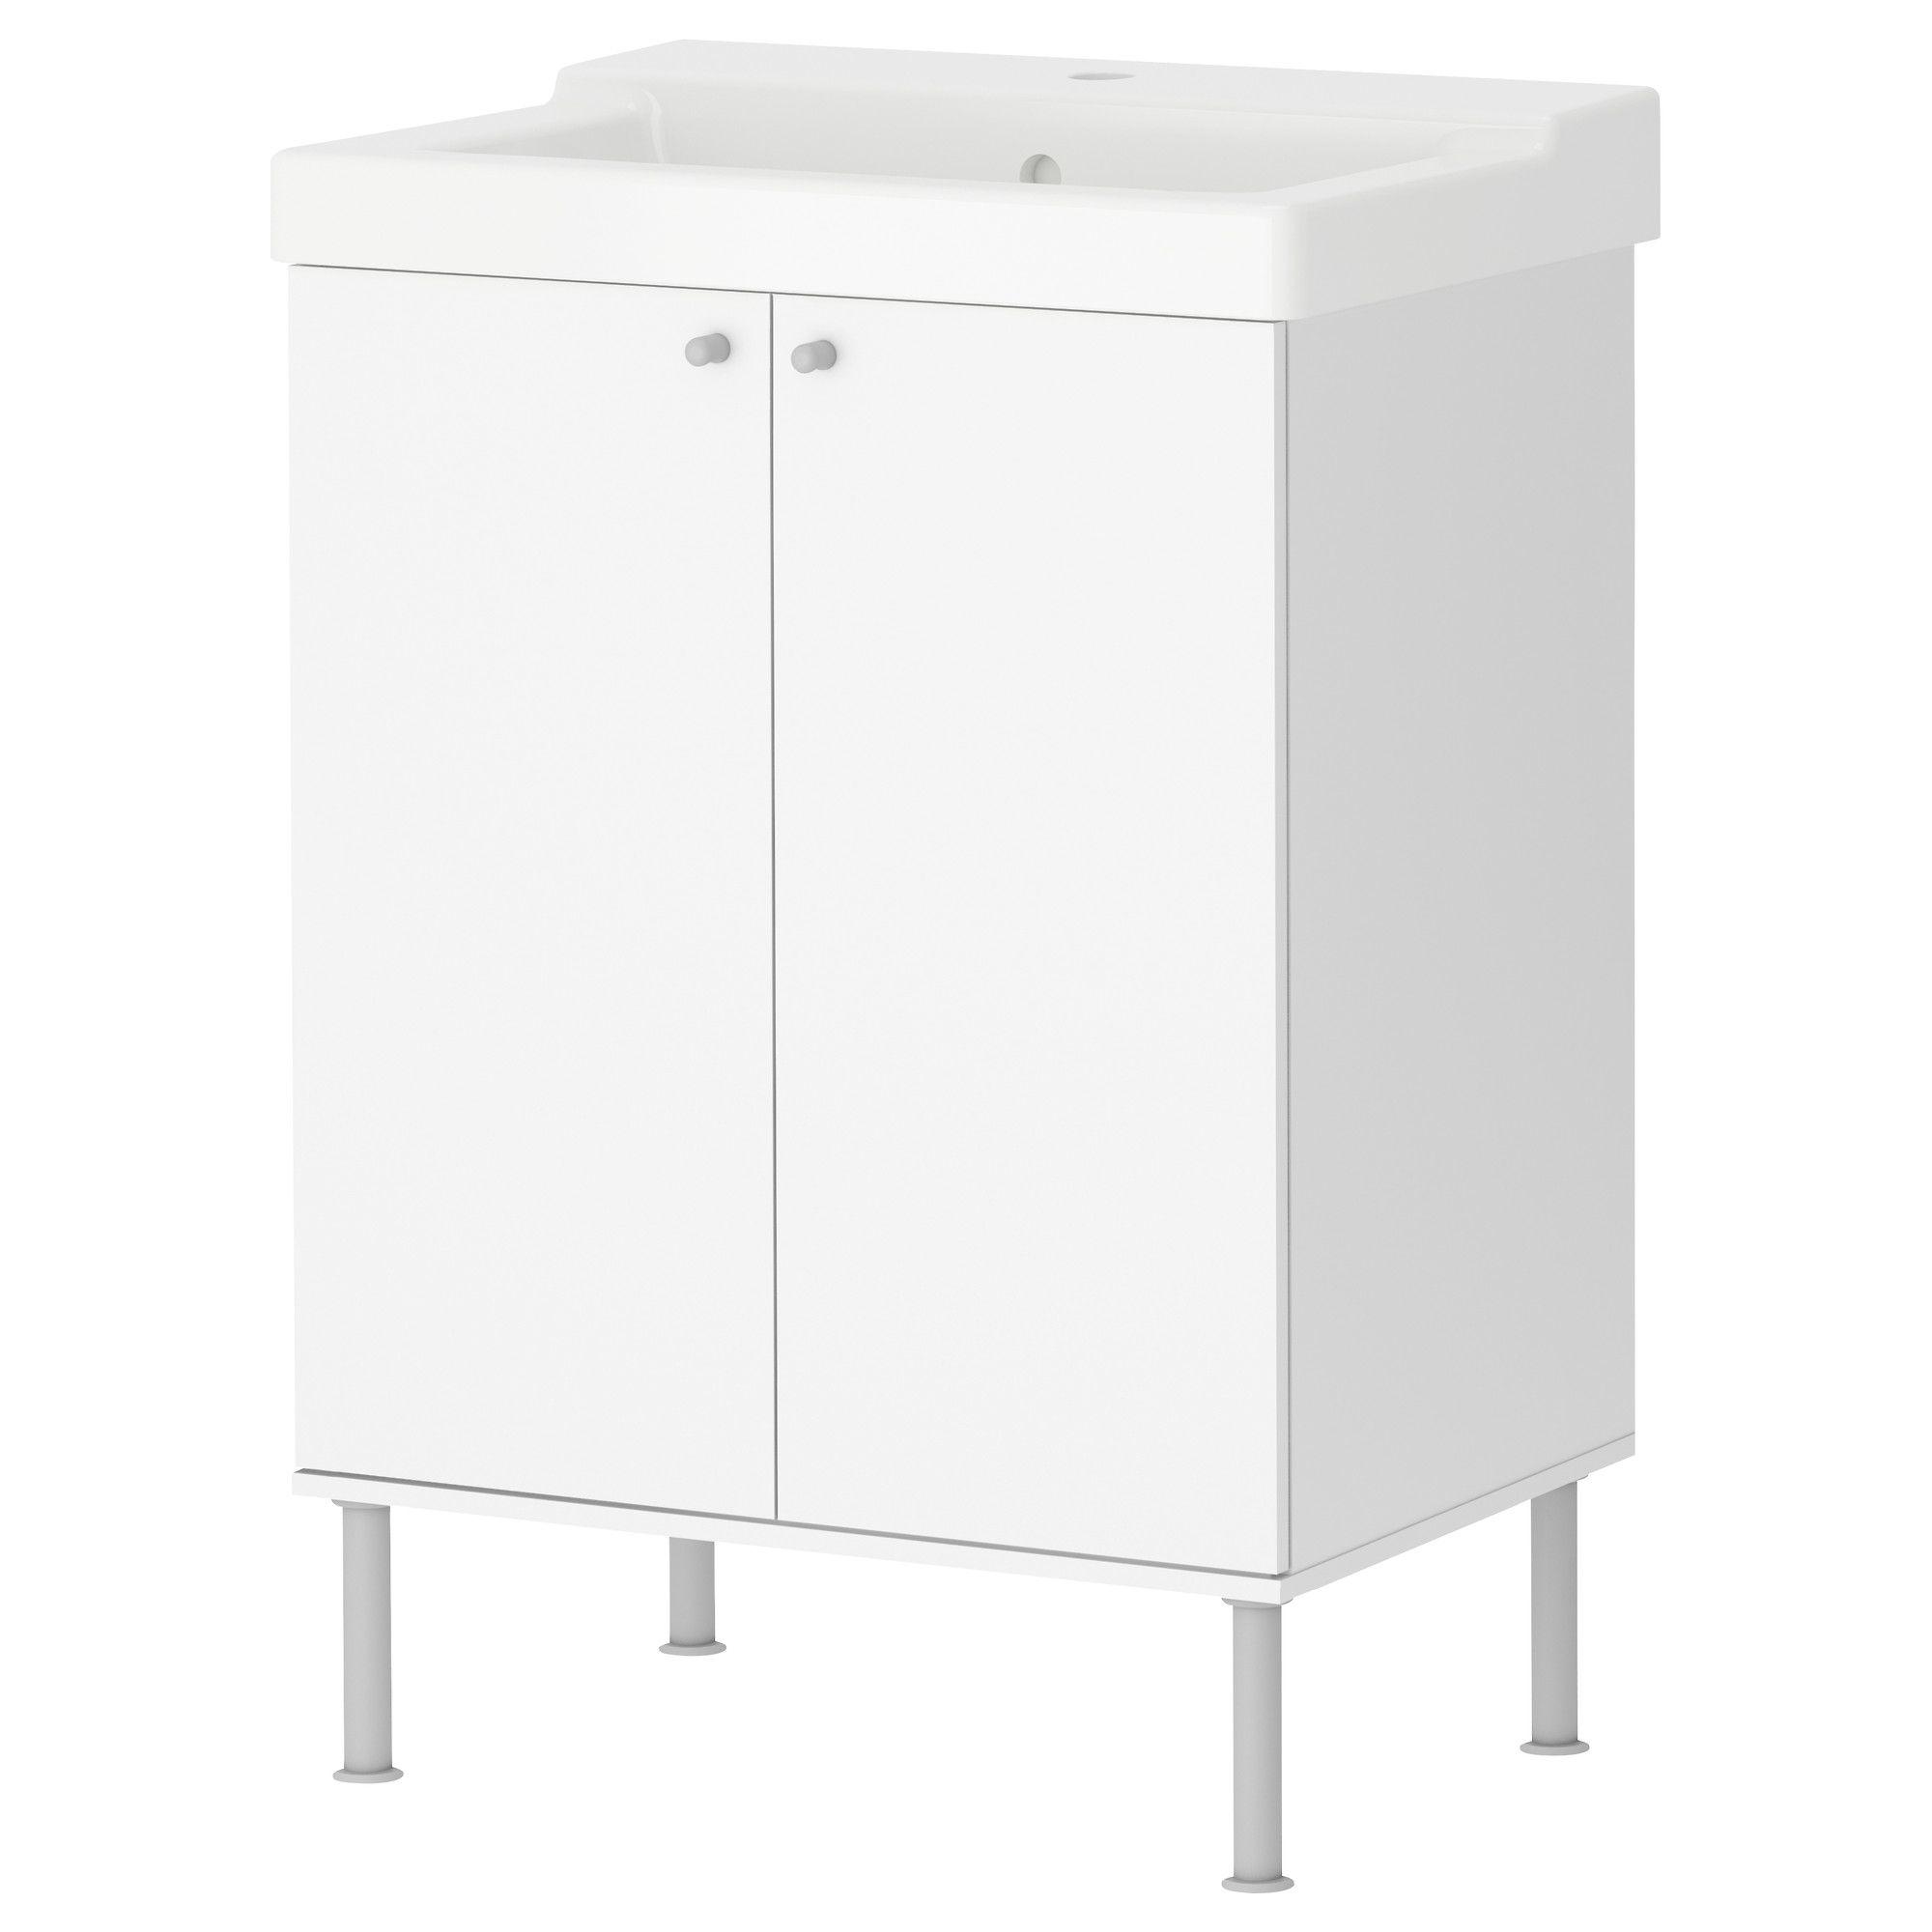 FULLEN / TLLEVIKEN Sink cabinet, white | Pinterest ...